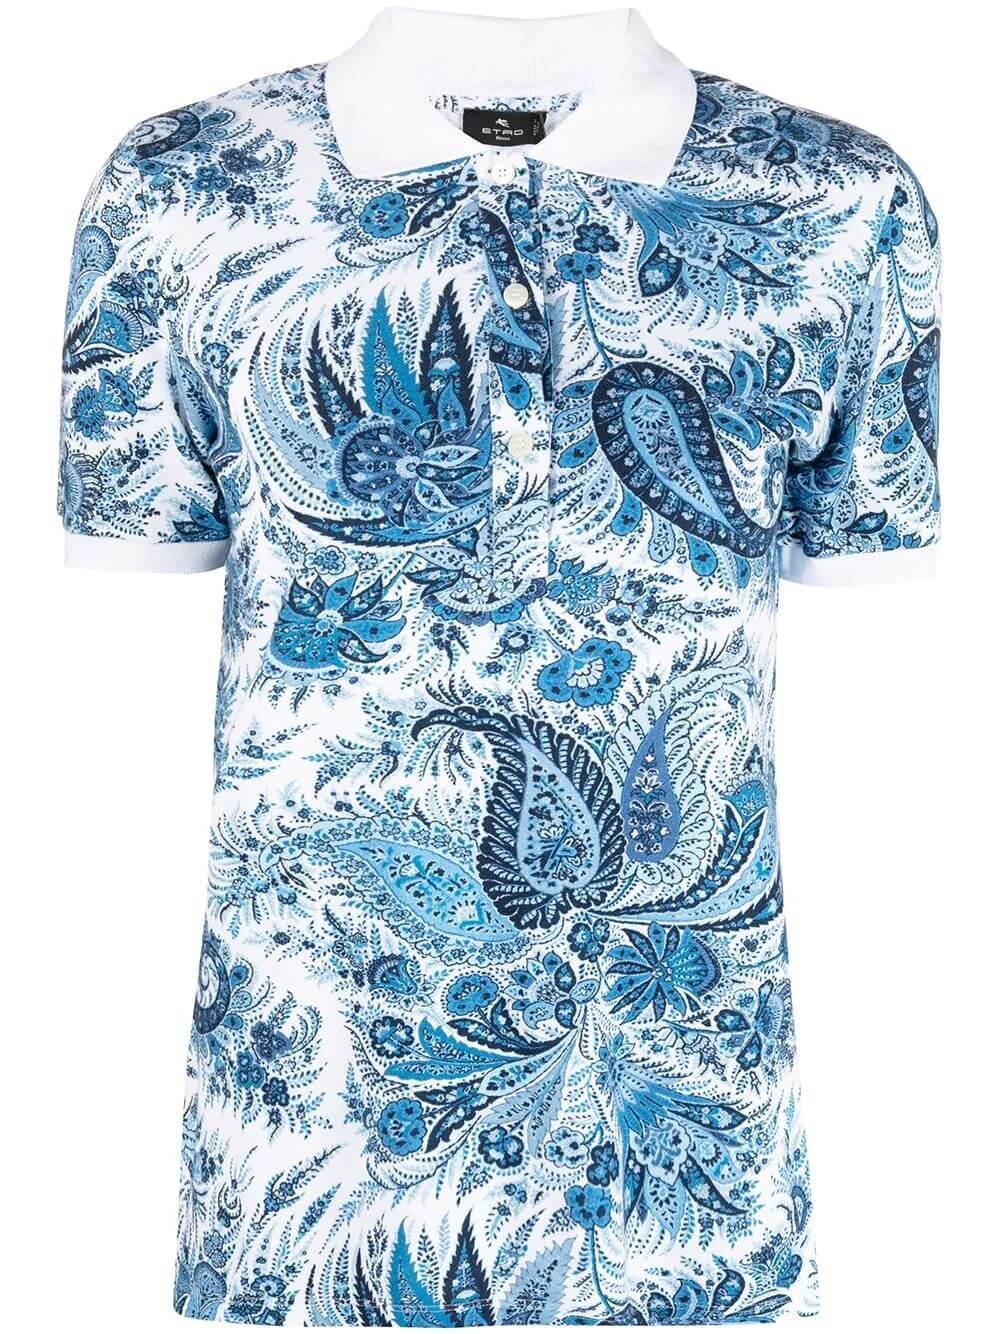 Paisley Collared Shirt Item # 211D145129463